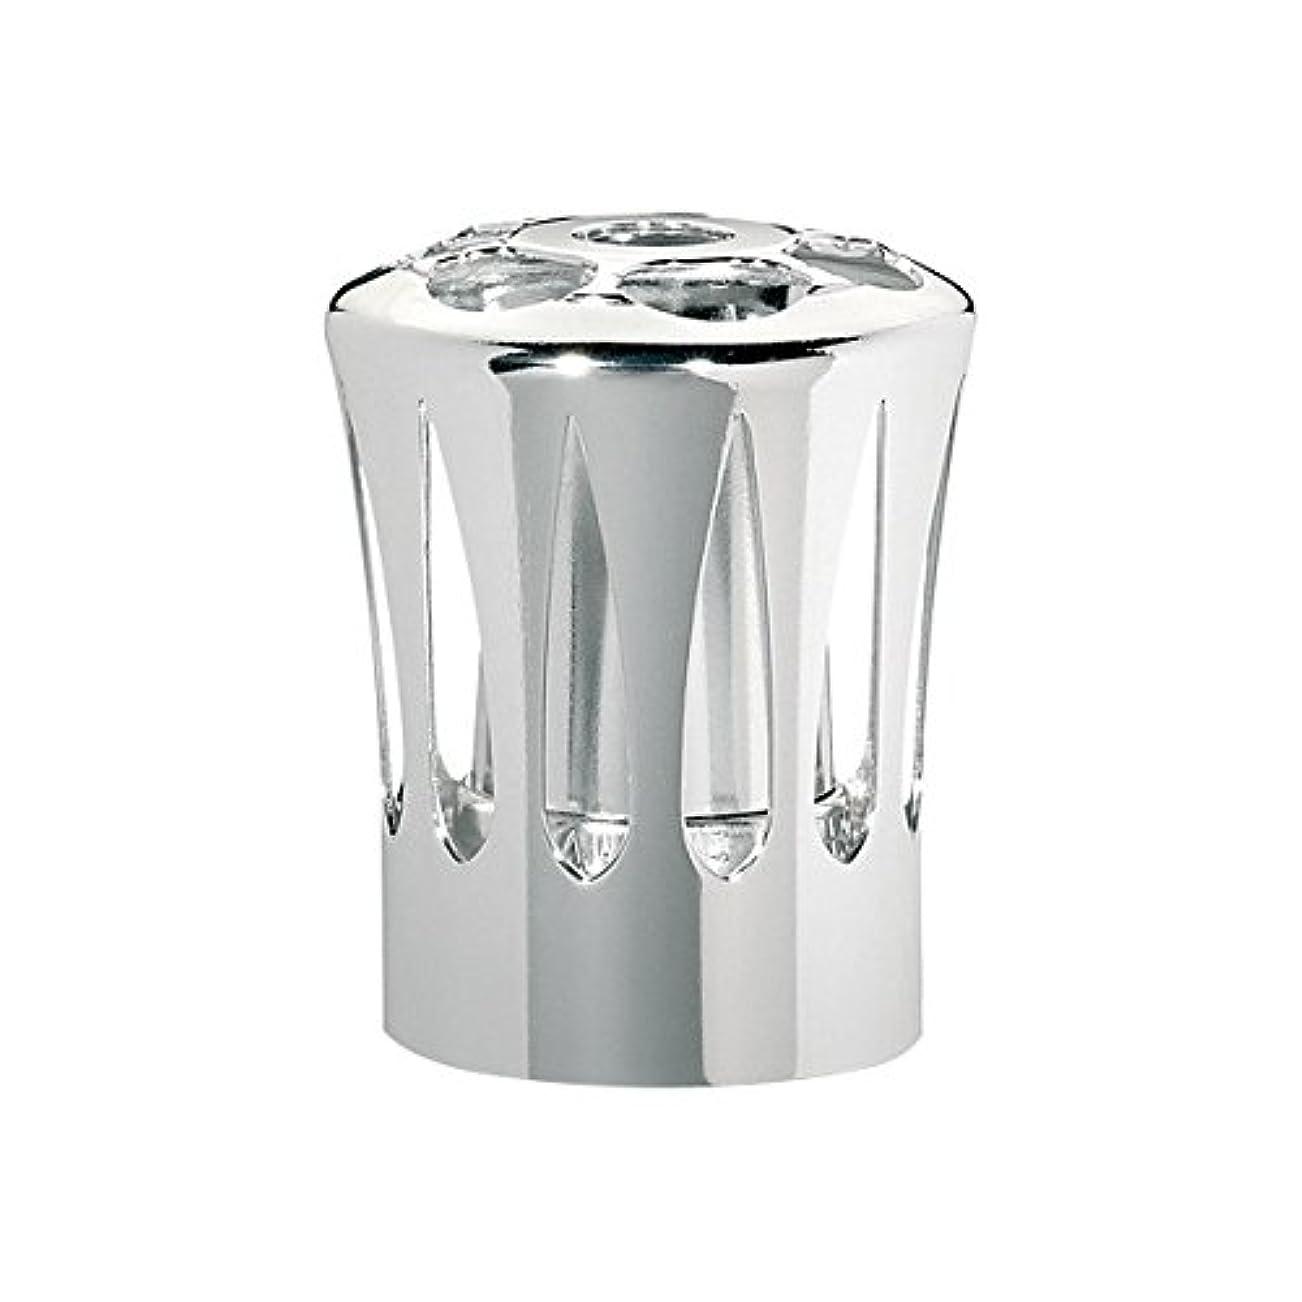 受信機公爵成功するランプベルジェ(LAMPE BERGER) 安全キャップ【正規輸入品】飾り蓋シルバー